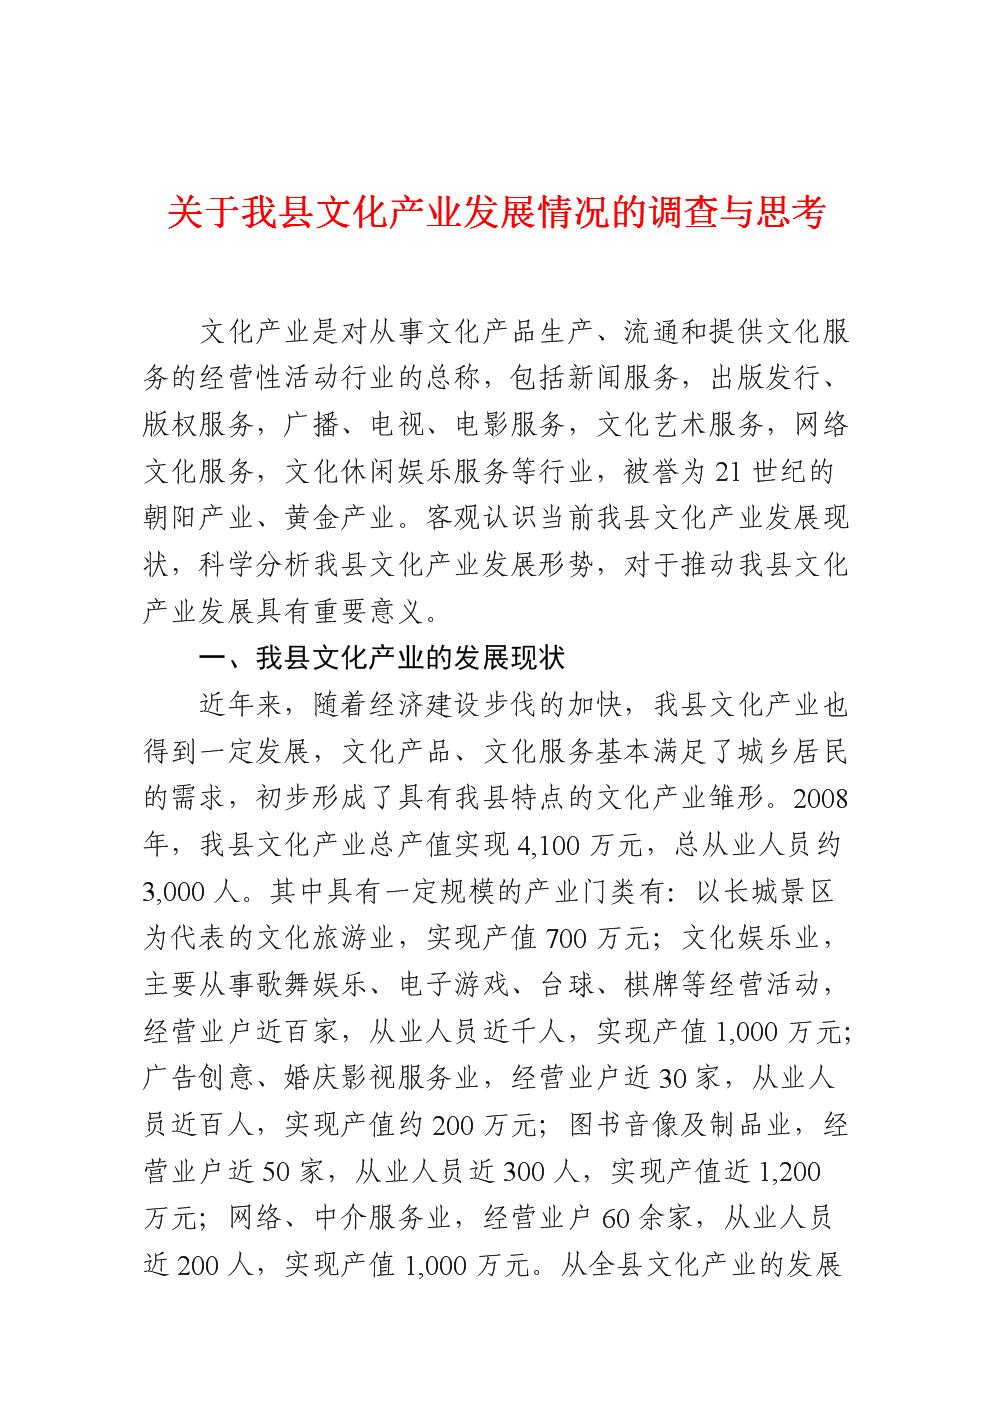 最新文化产业发展情况的调研.doc